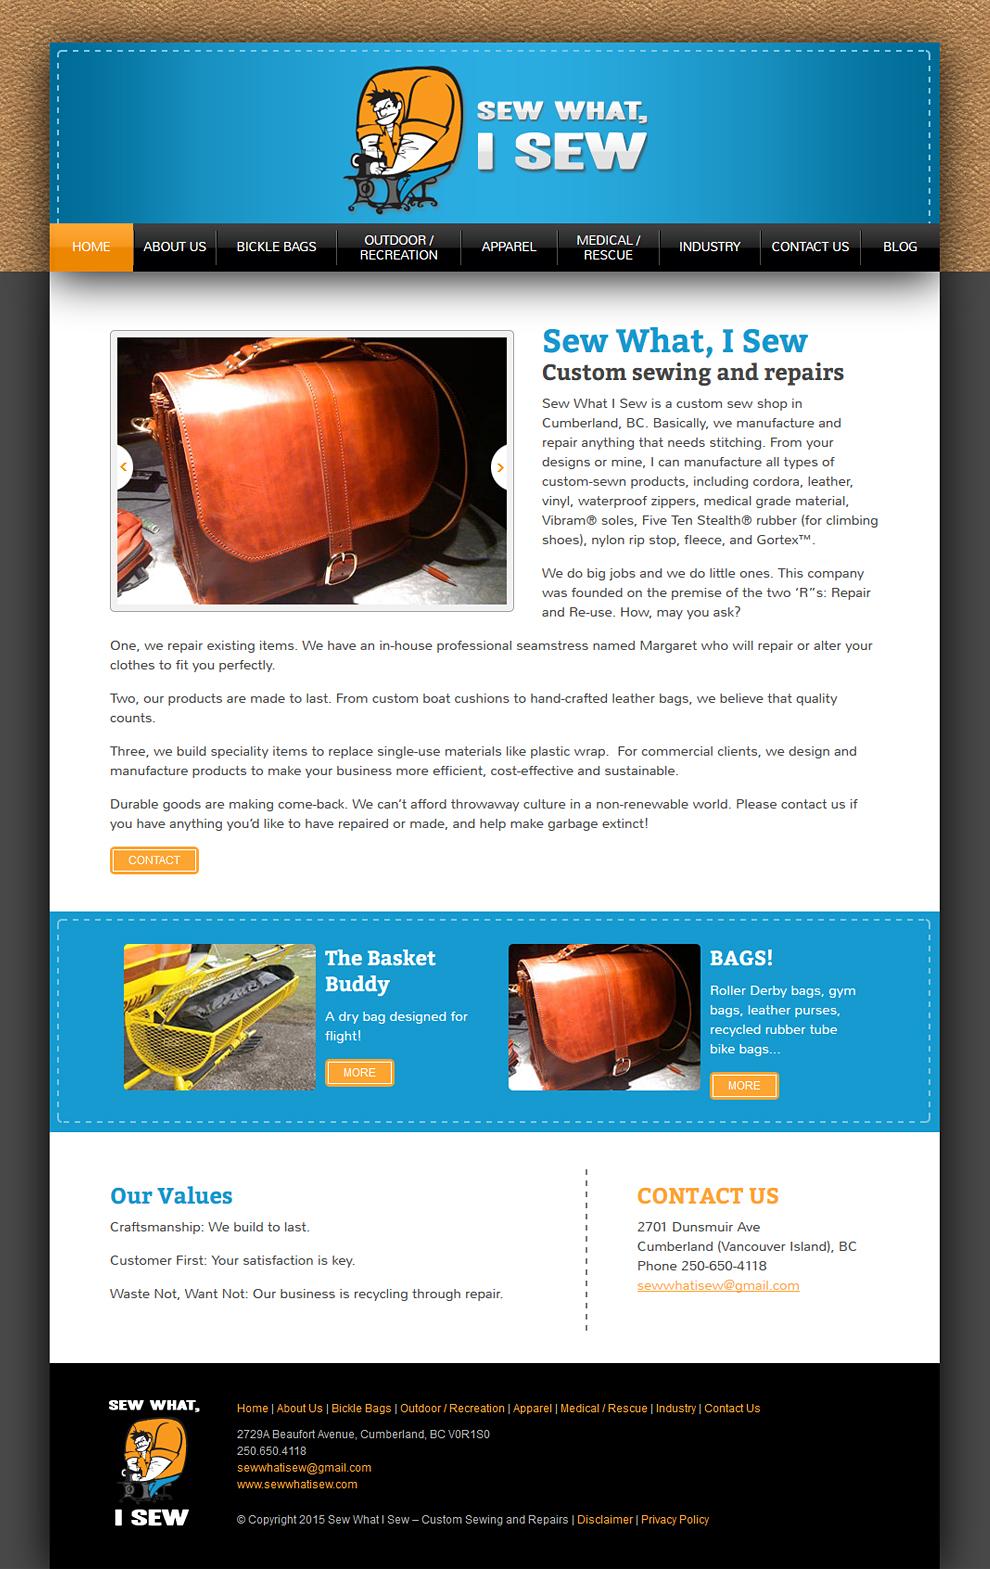 Sew What I Sew Homepage